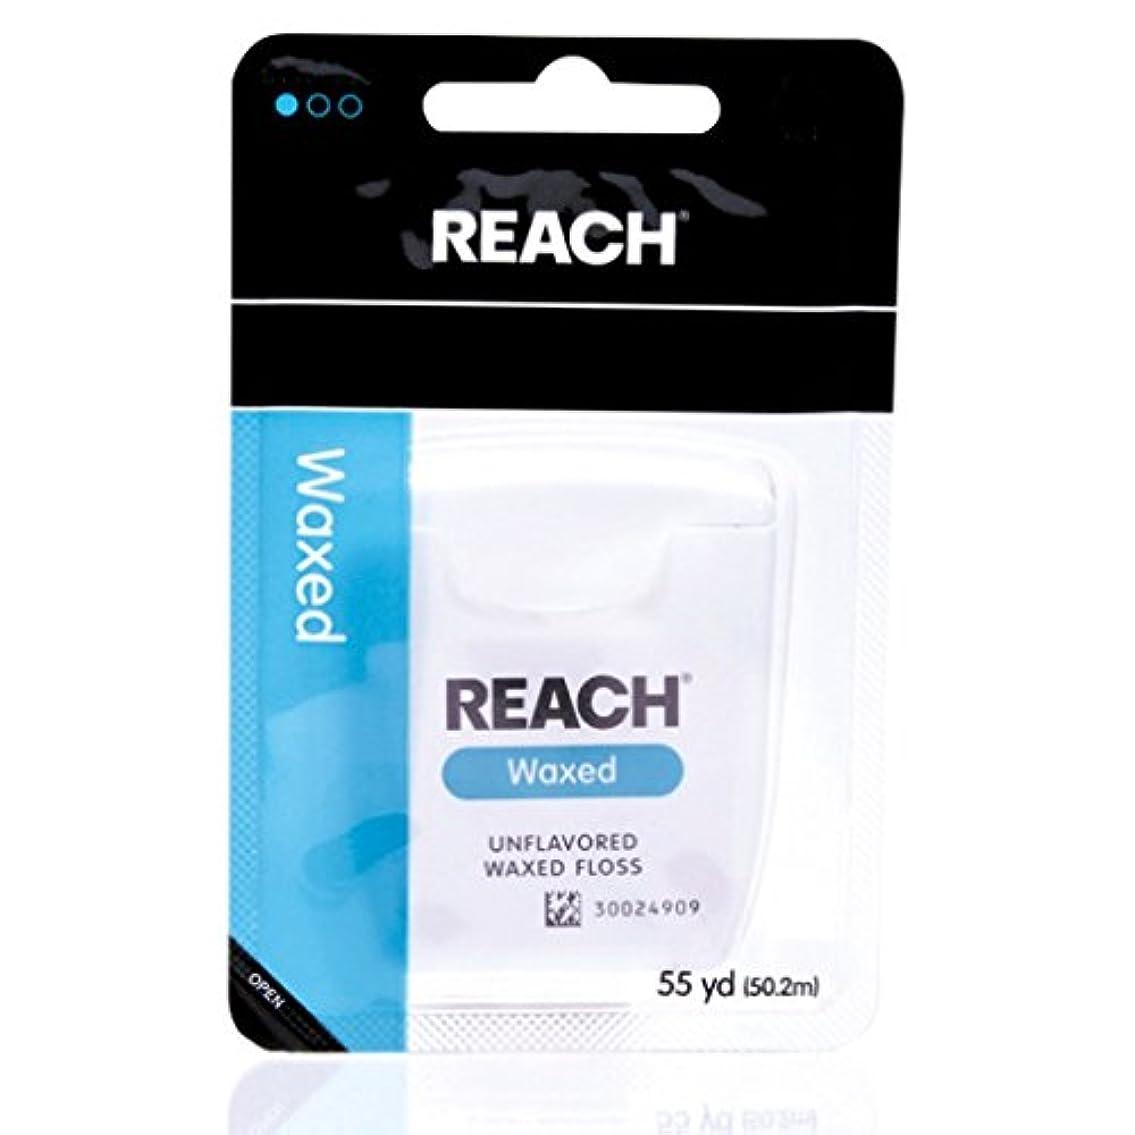 ずっと偏差中断REACH リーチ デンタルフロス ワックス Waxed 50M [並行輸入品]